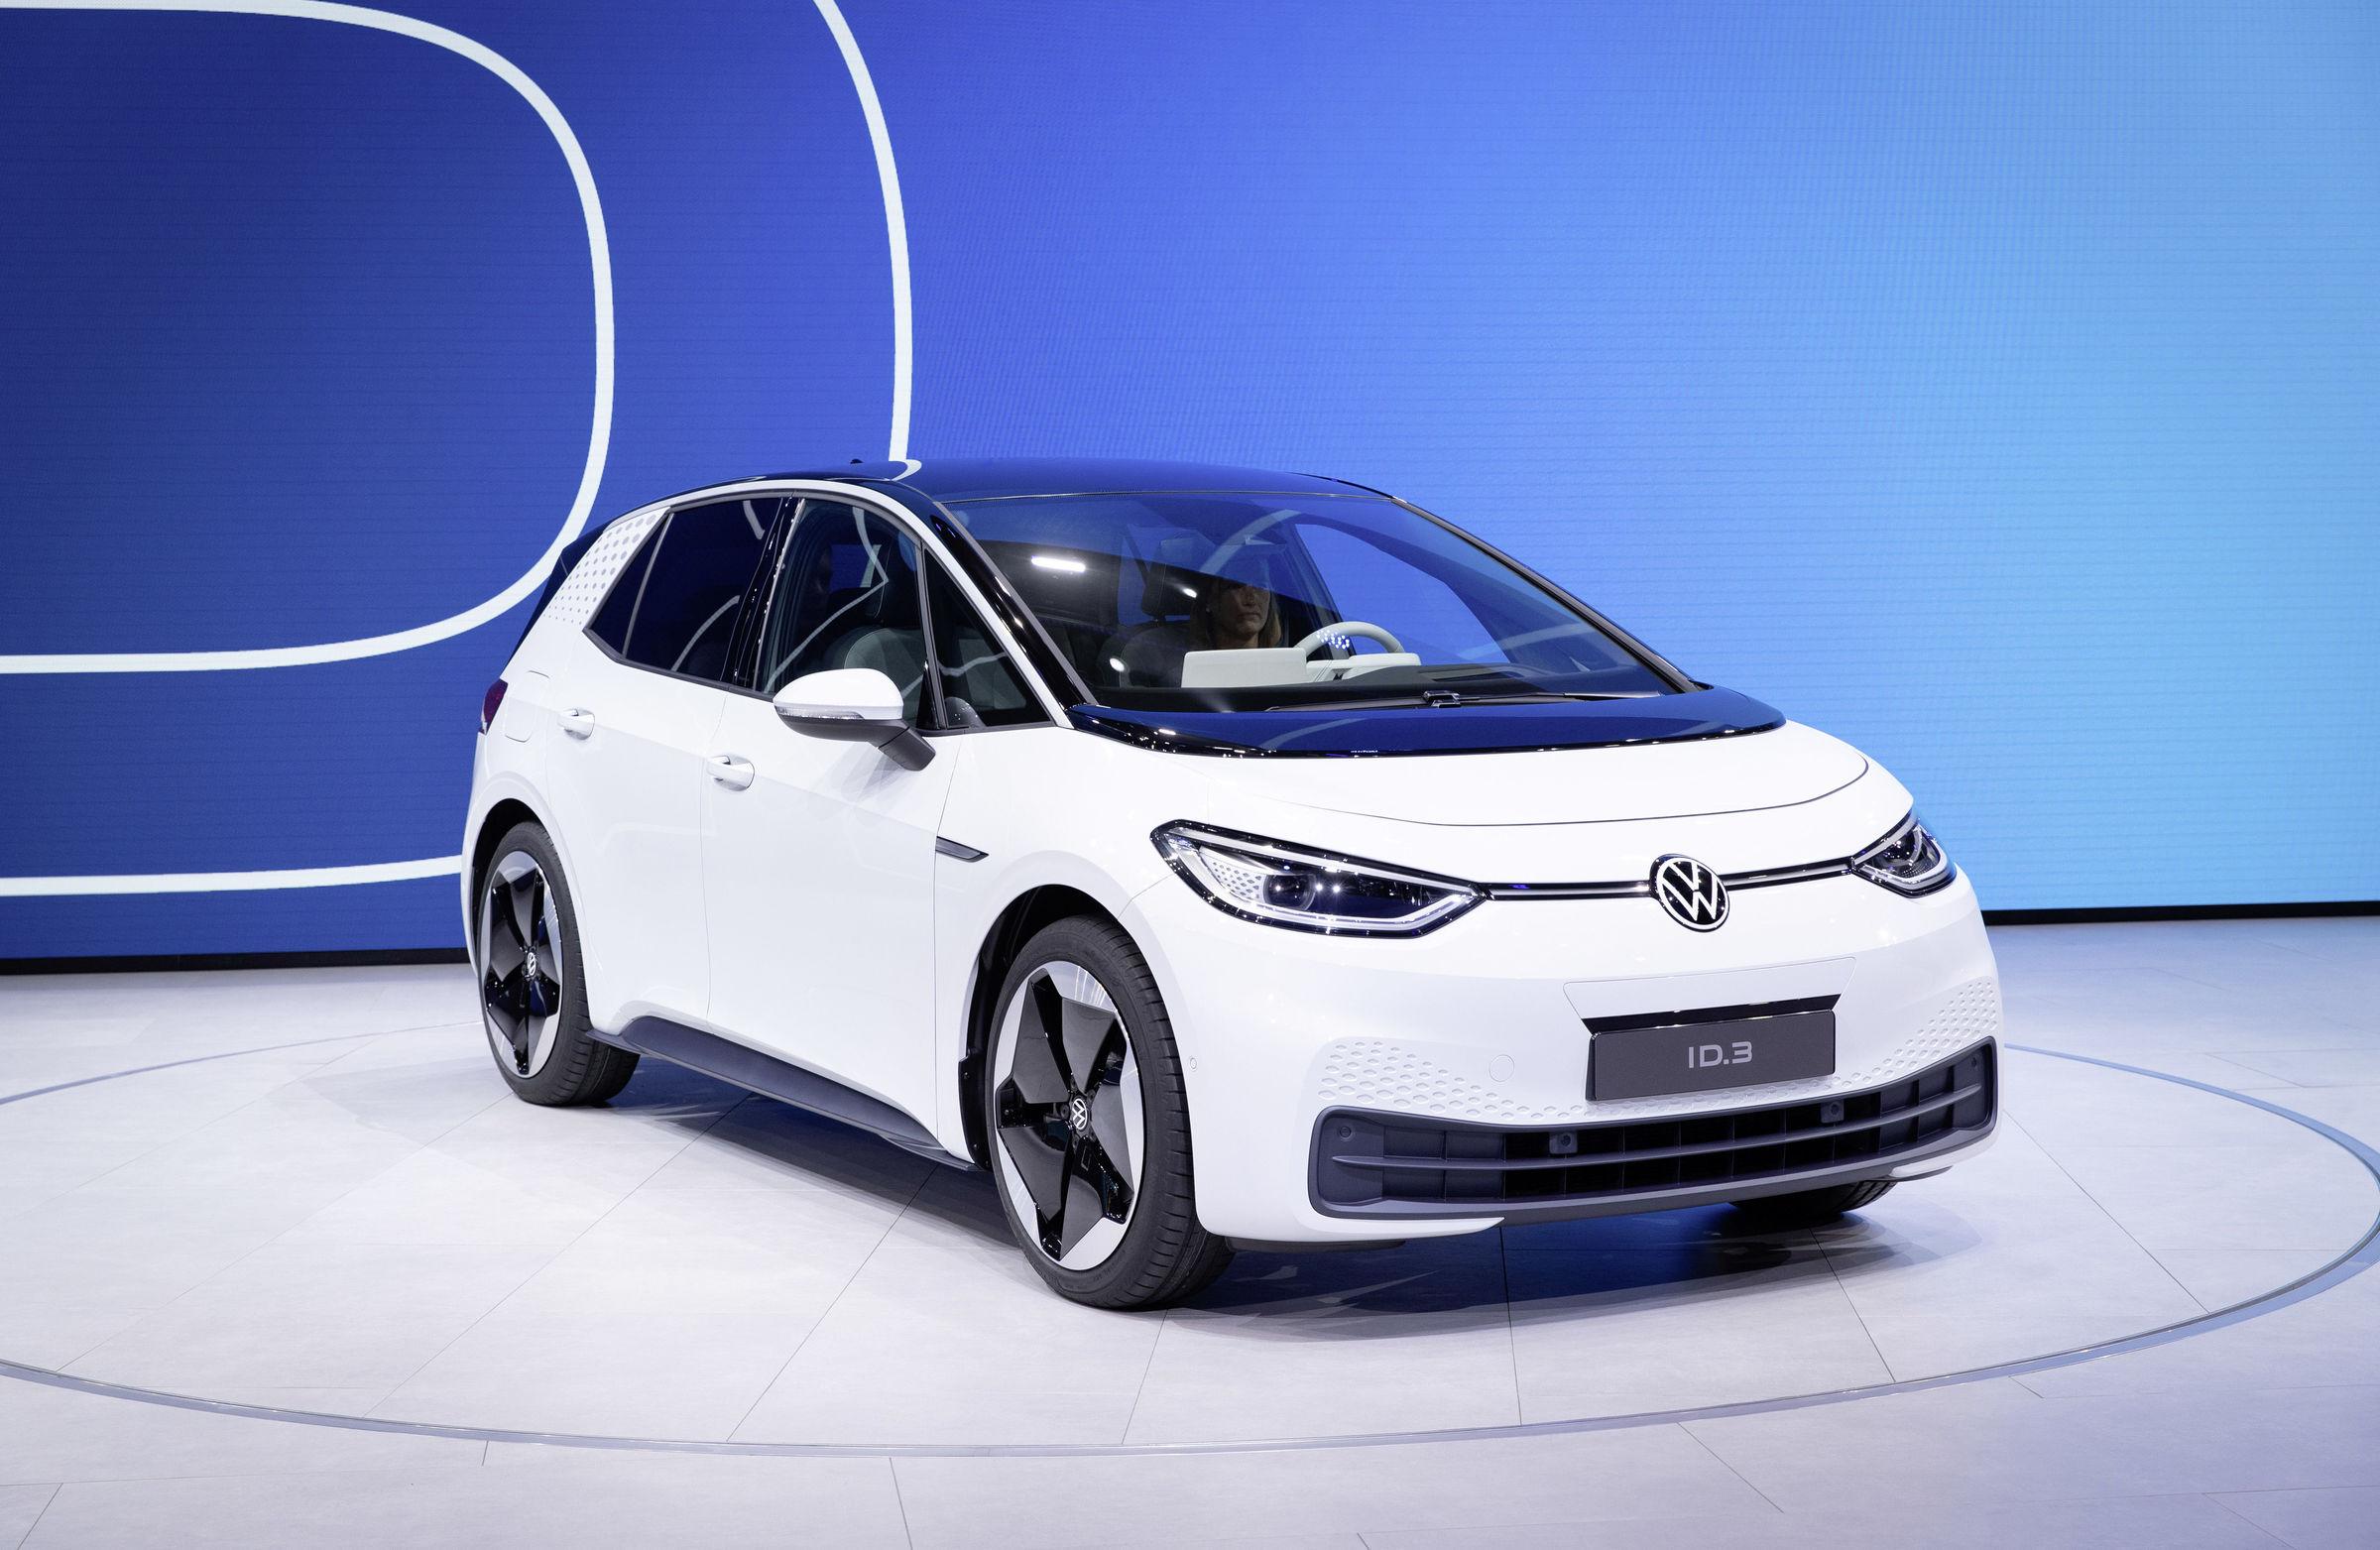 volkswagen.de   Der neue ID.3 - Der ID.3 ist das erste Modell einer völlig neuen Generation von Elektroautos auf Basis des Modularen E-Antriebs-Baukastens (MEB) von Volkswagen.